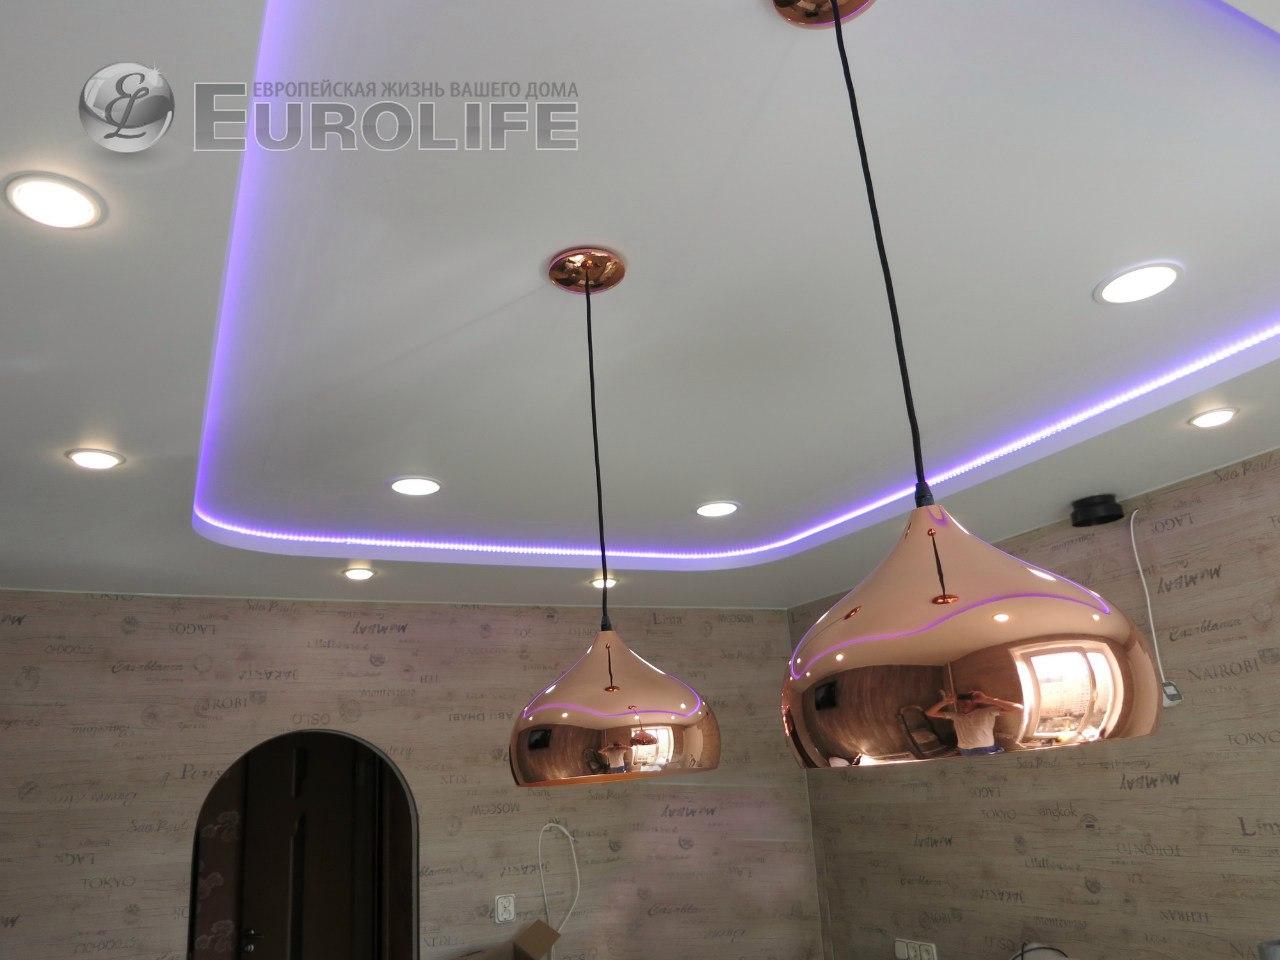 Двухуровневый потолок из конструкции с закарнизным пространством для светодиодной ленты. Кому интересно: стены облицованы ламинатом.